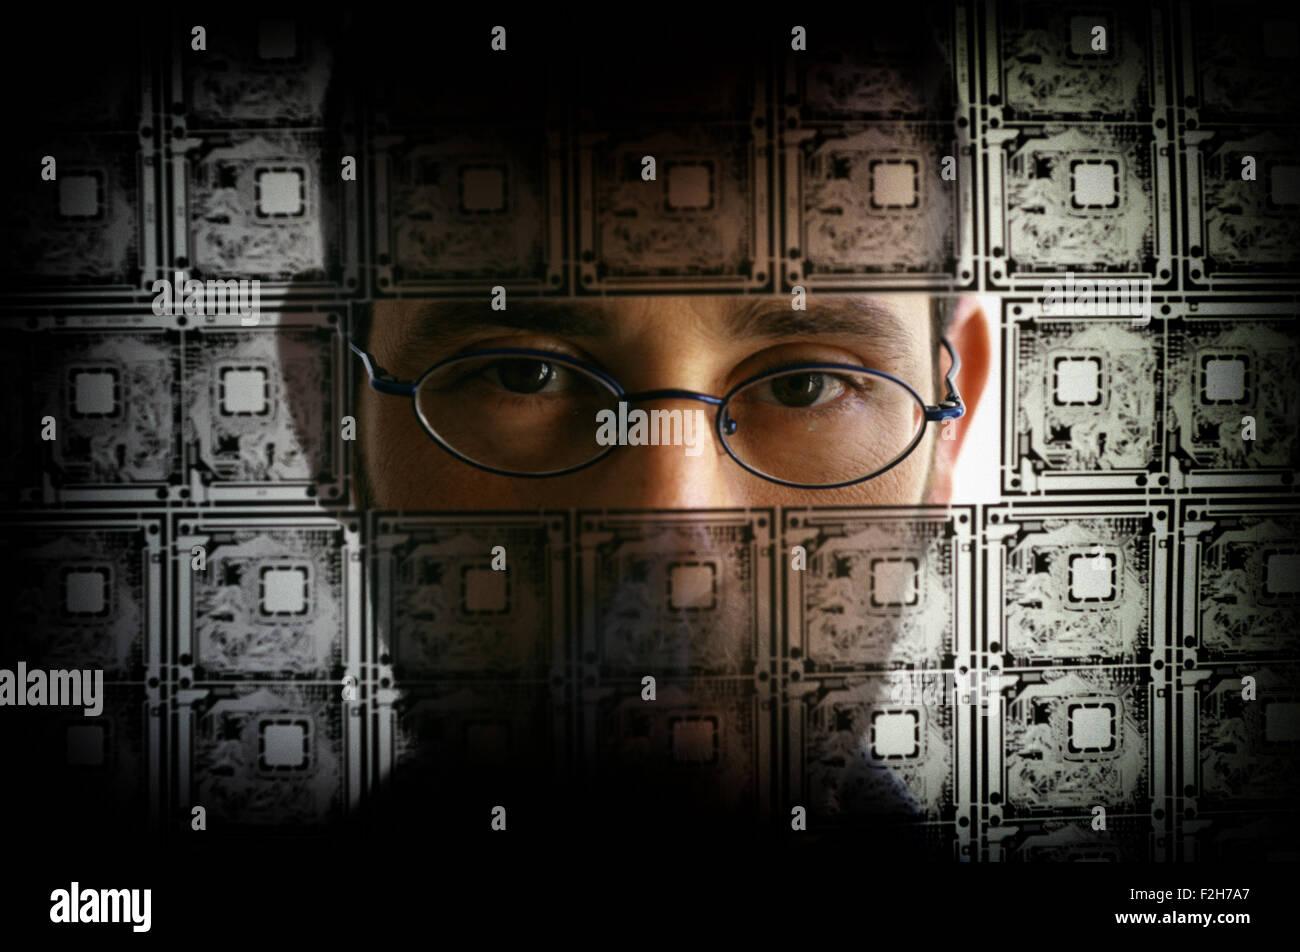 Eine Person, die durch transparente elektrische Leiterplatte und Stacheldraht Stockbild